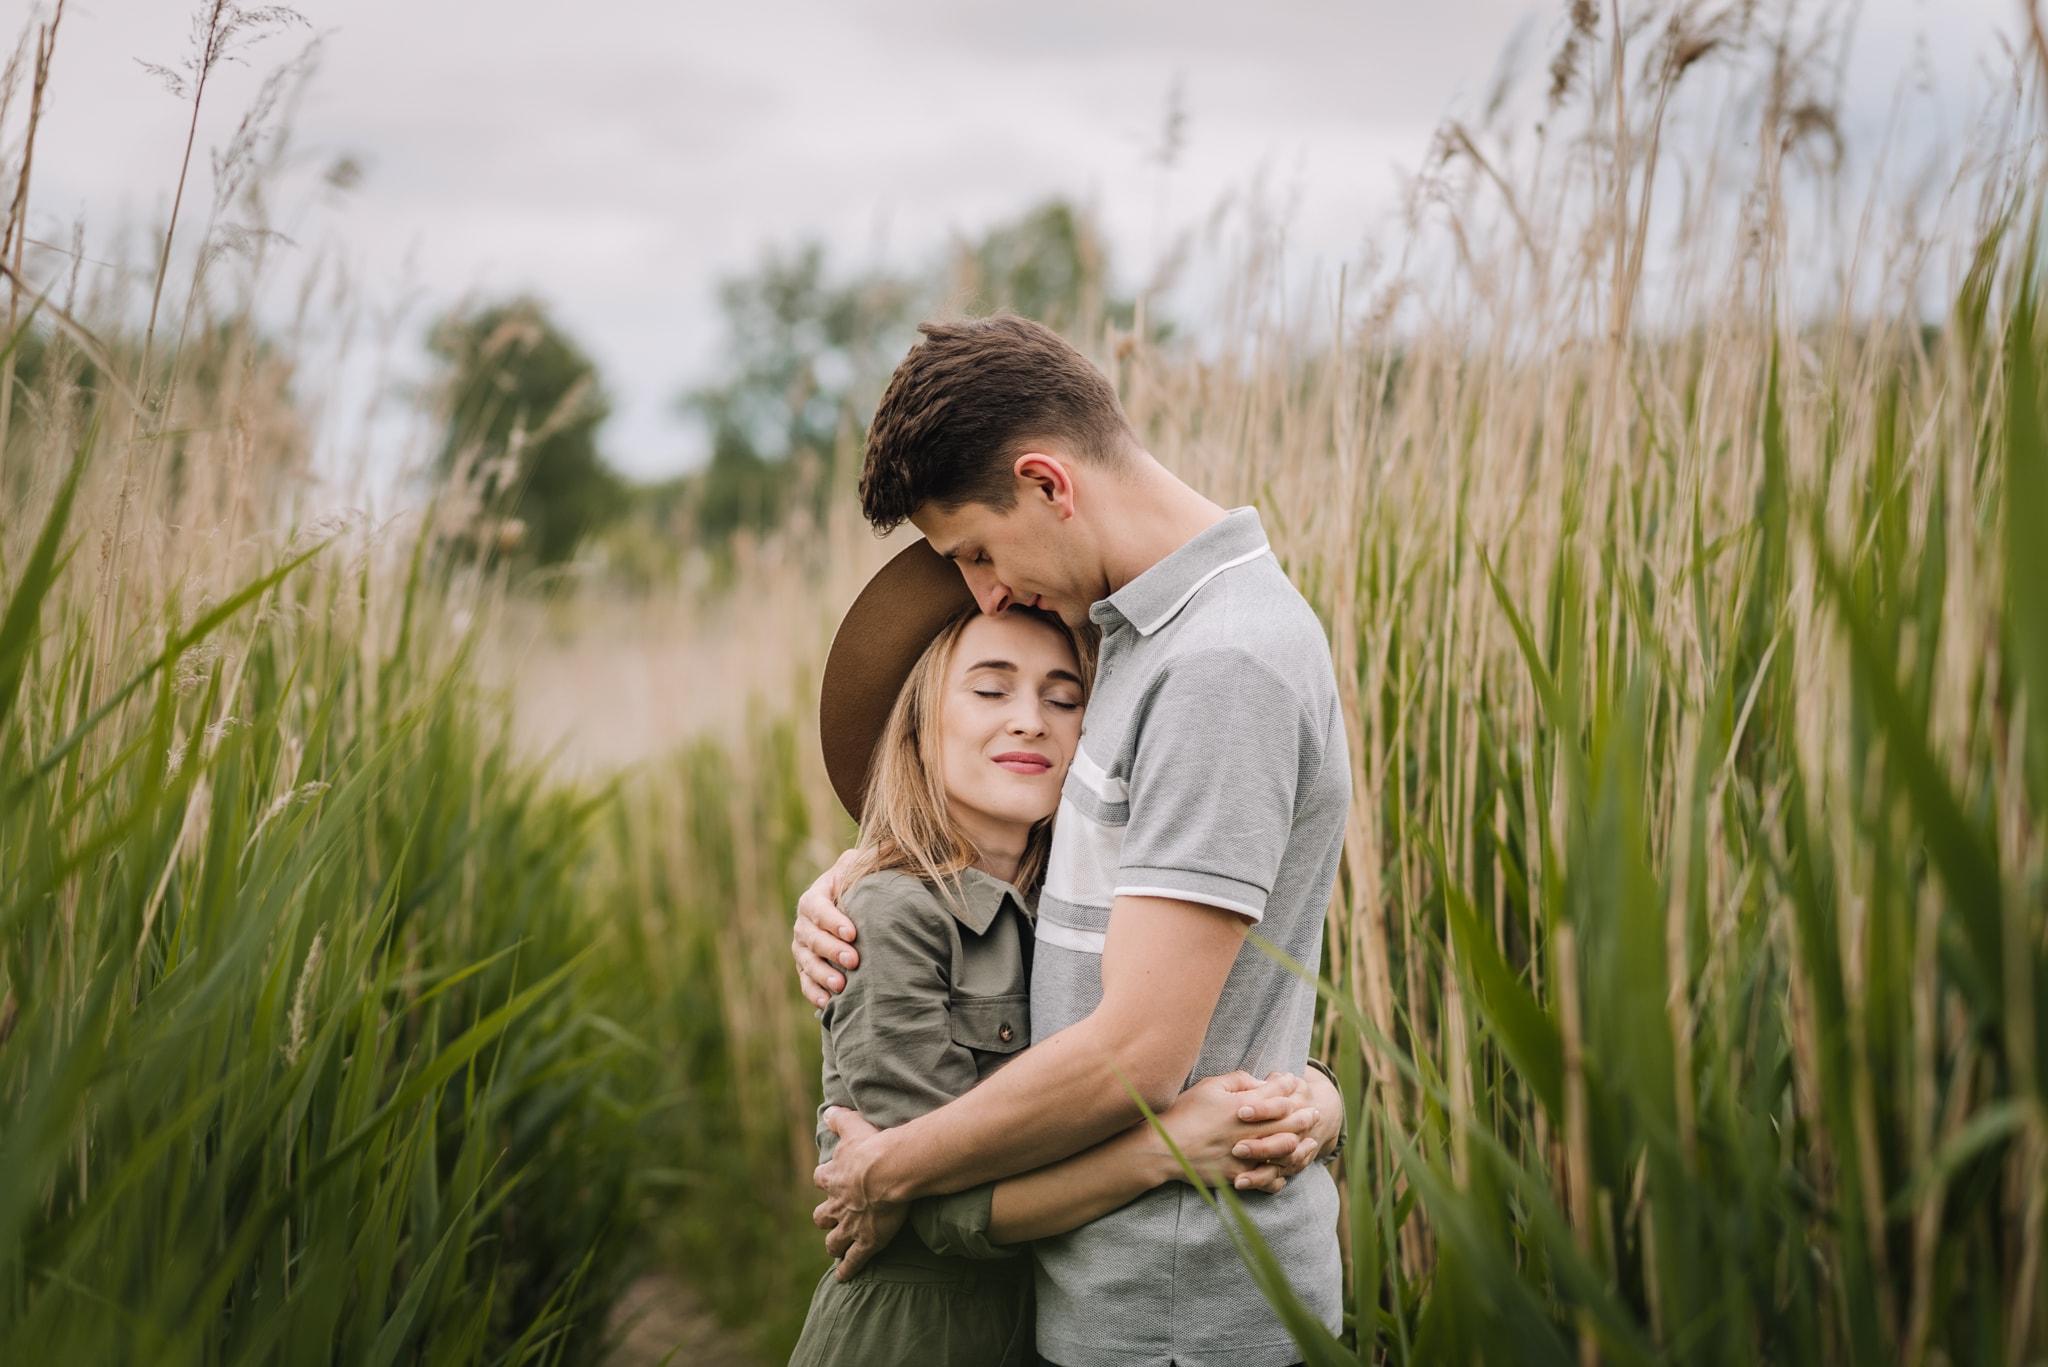 Przytulona para pośród traw